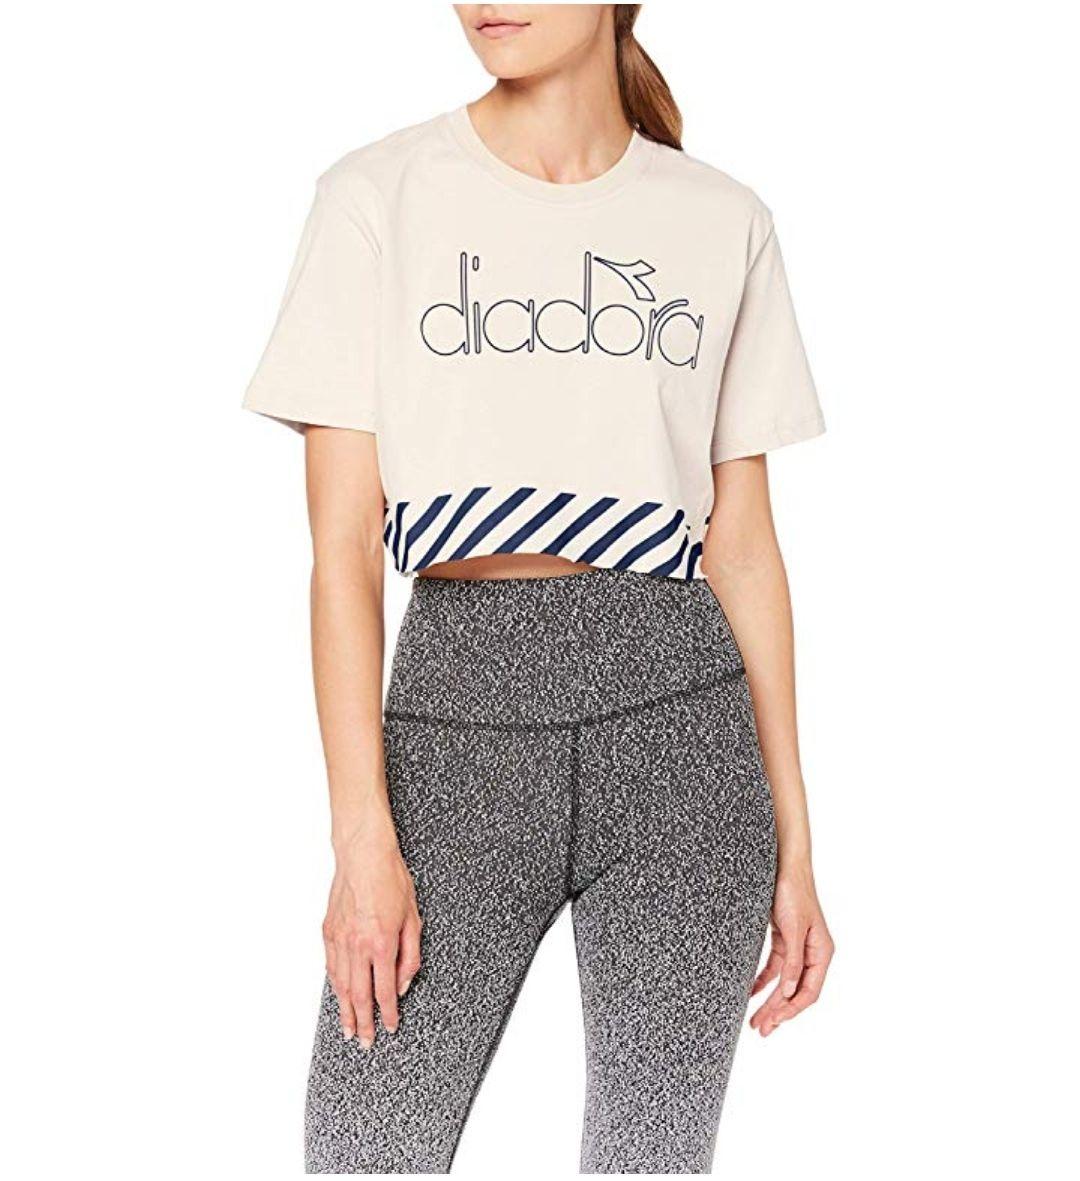 TALLA L - Diadora L. Top Barra Camiseta, Mujer